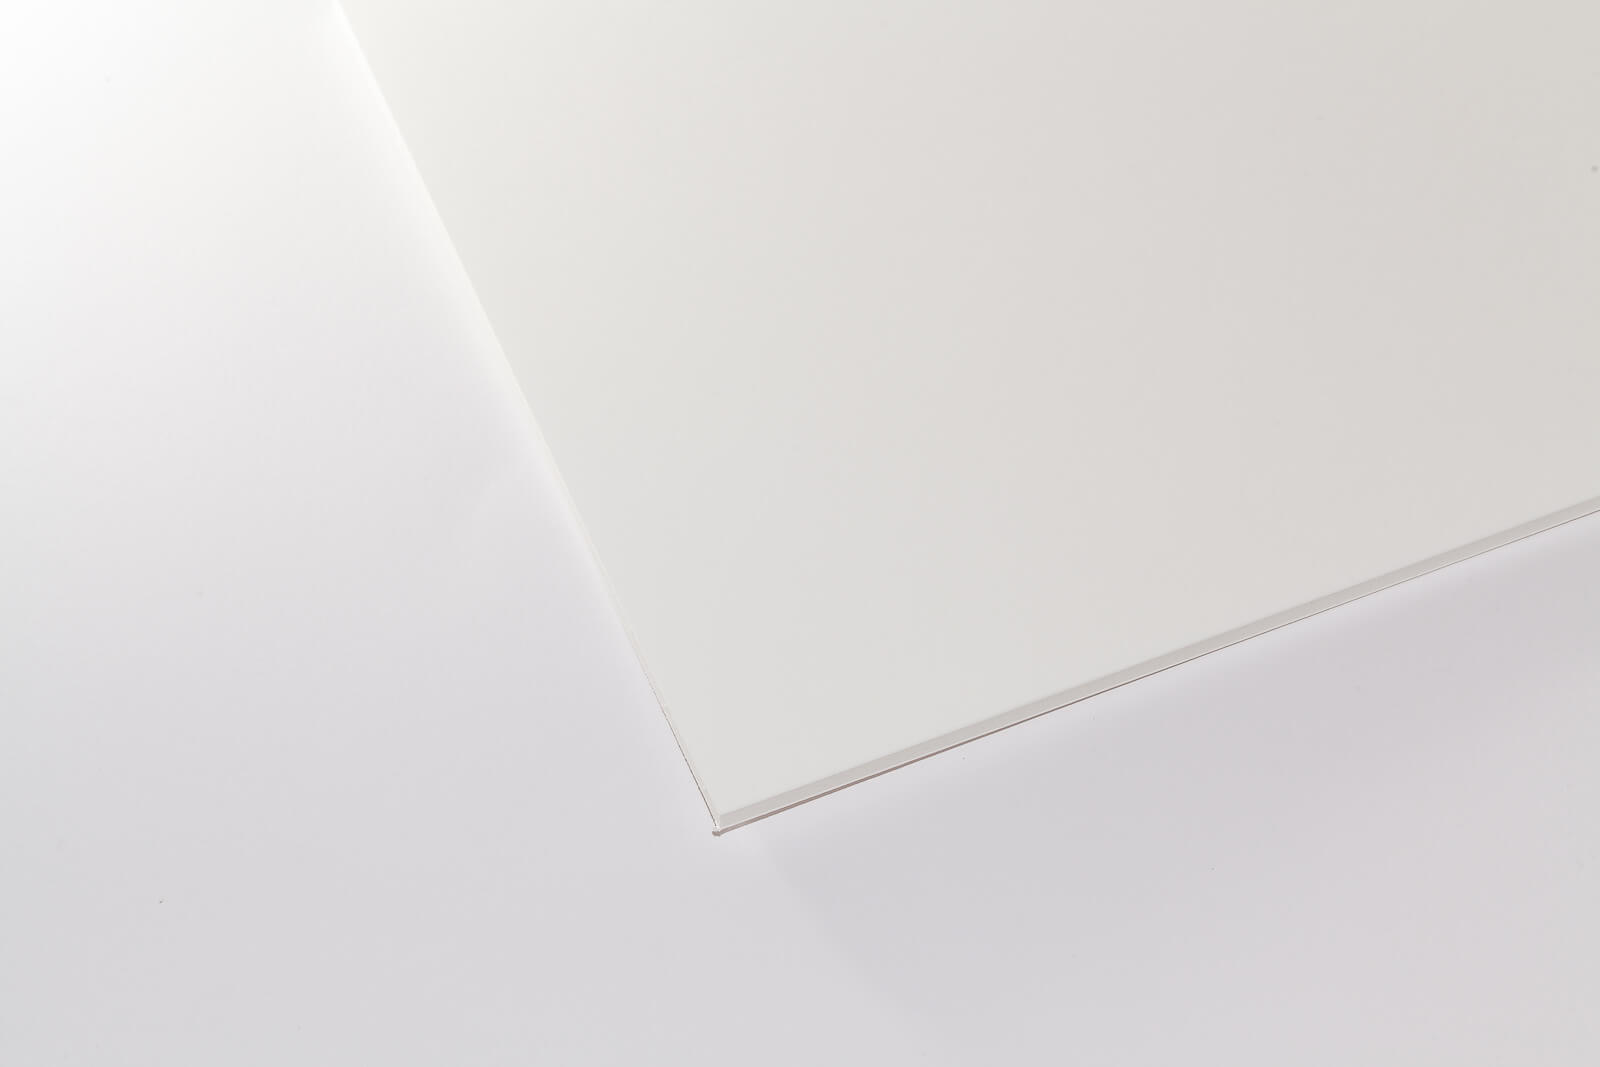 Eine Aufnahme einer weißen Kapa-Graph Leichtschaumplatte von oben